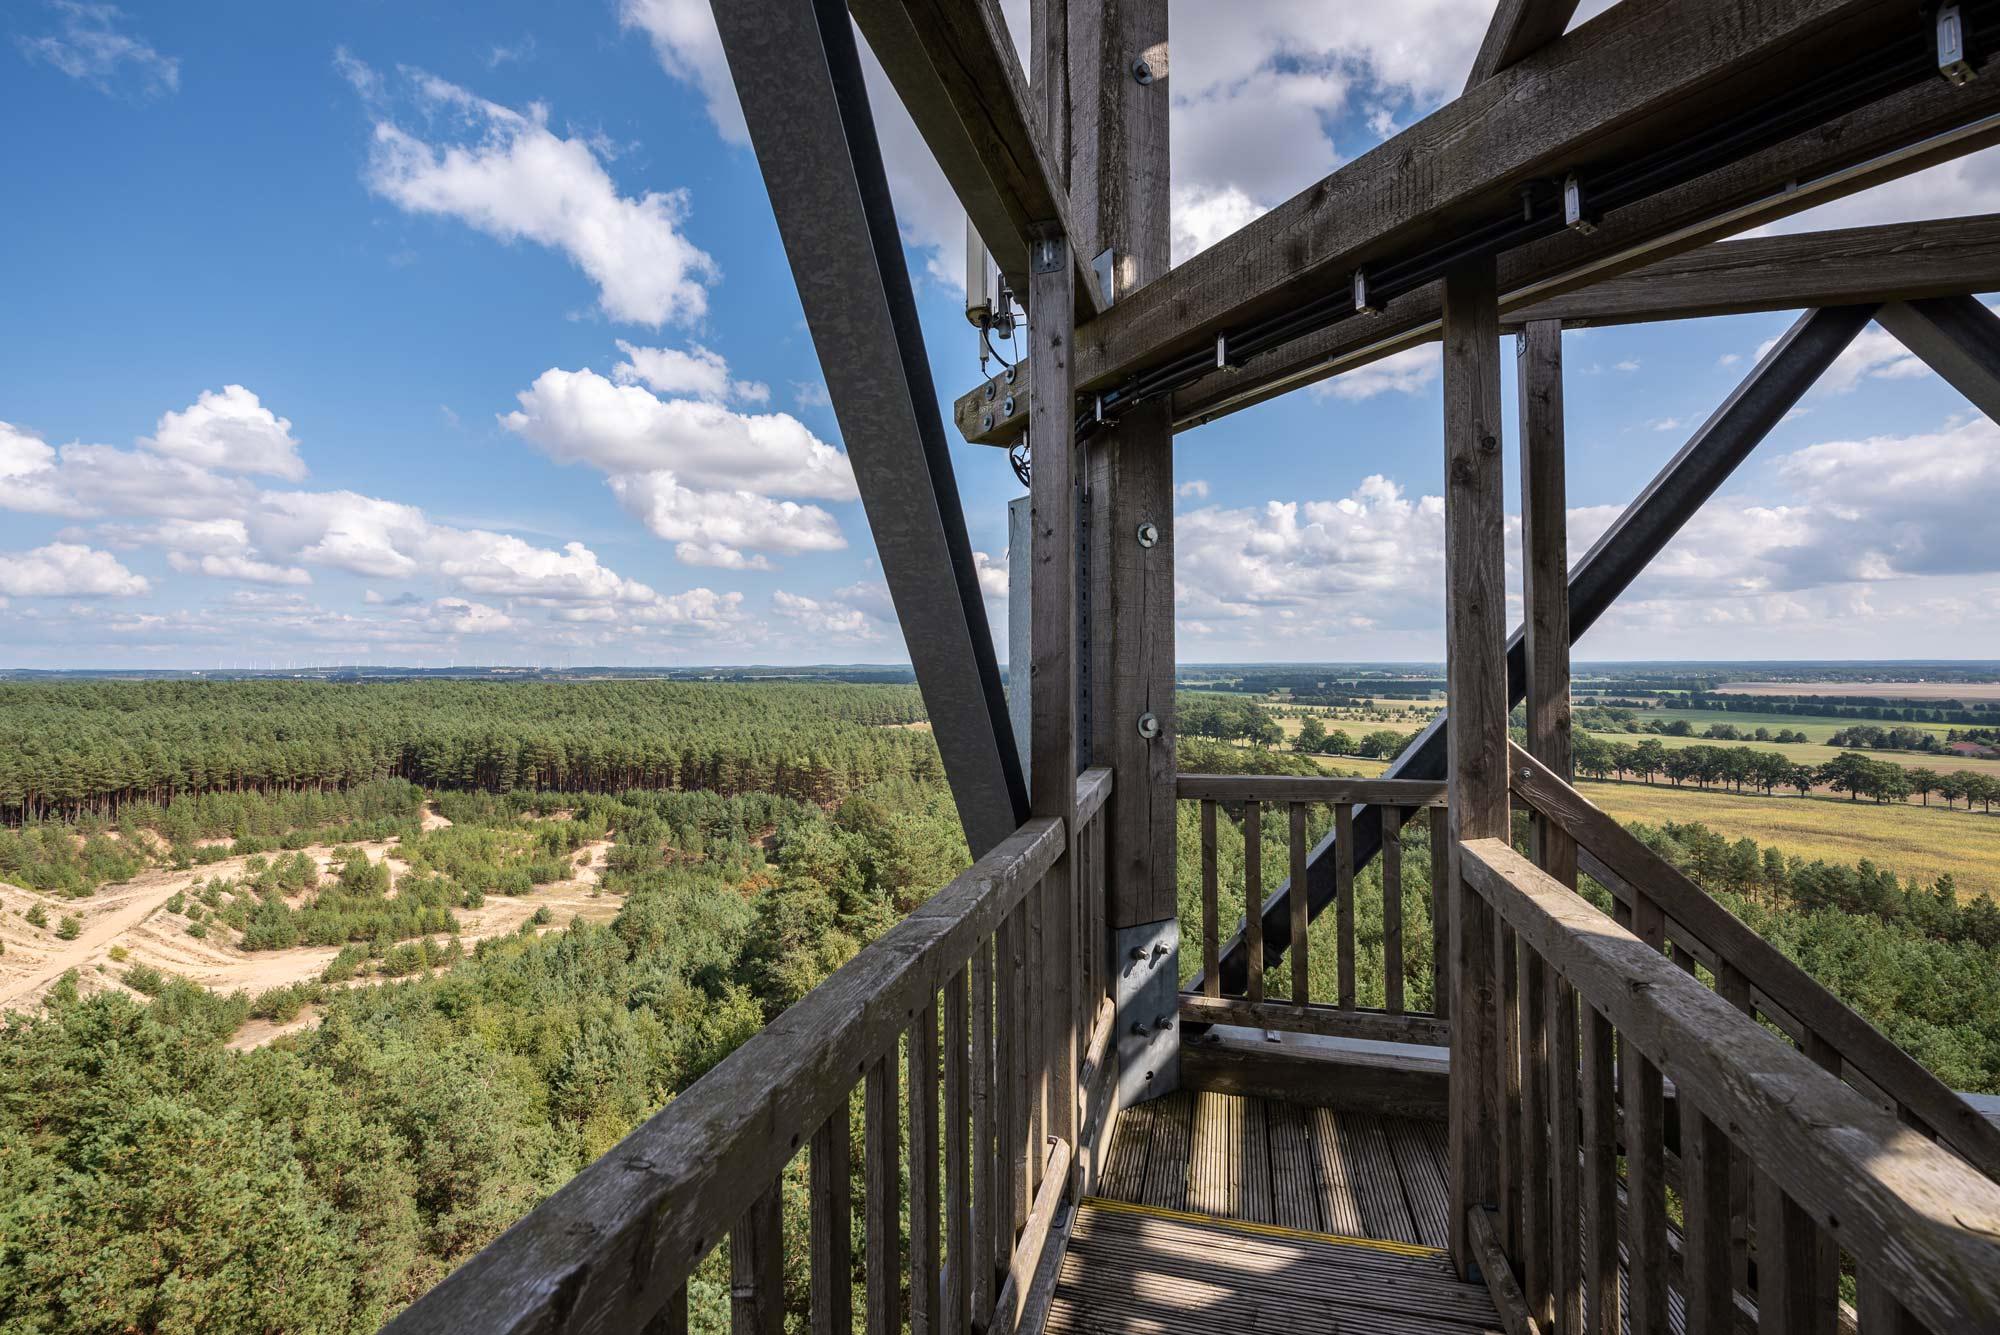 Blick vom Aussichtsturm Blumenthal © Markus Tiemann